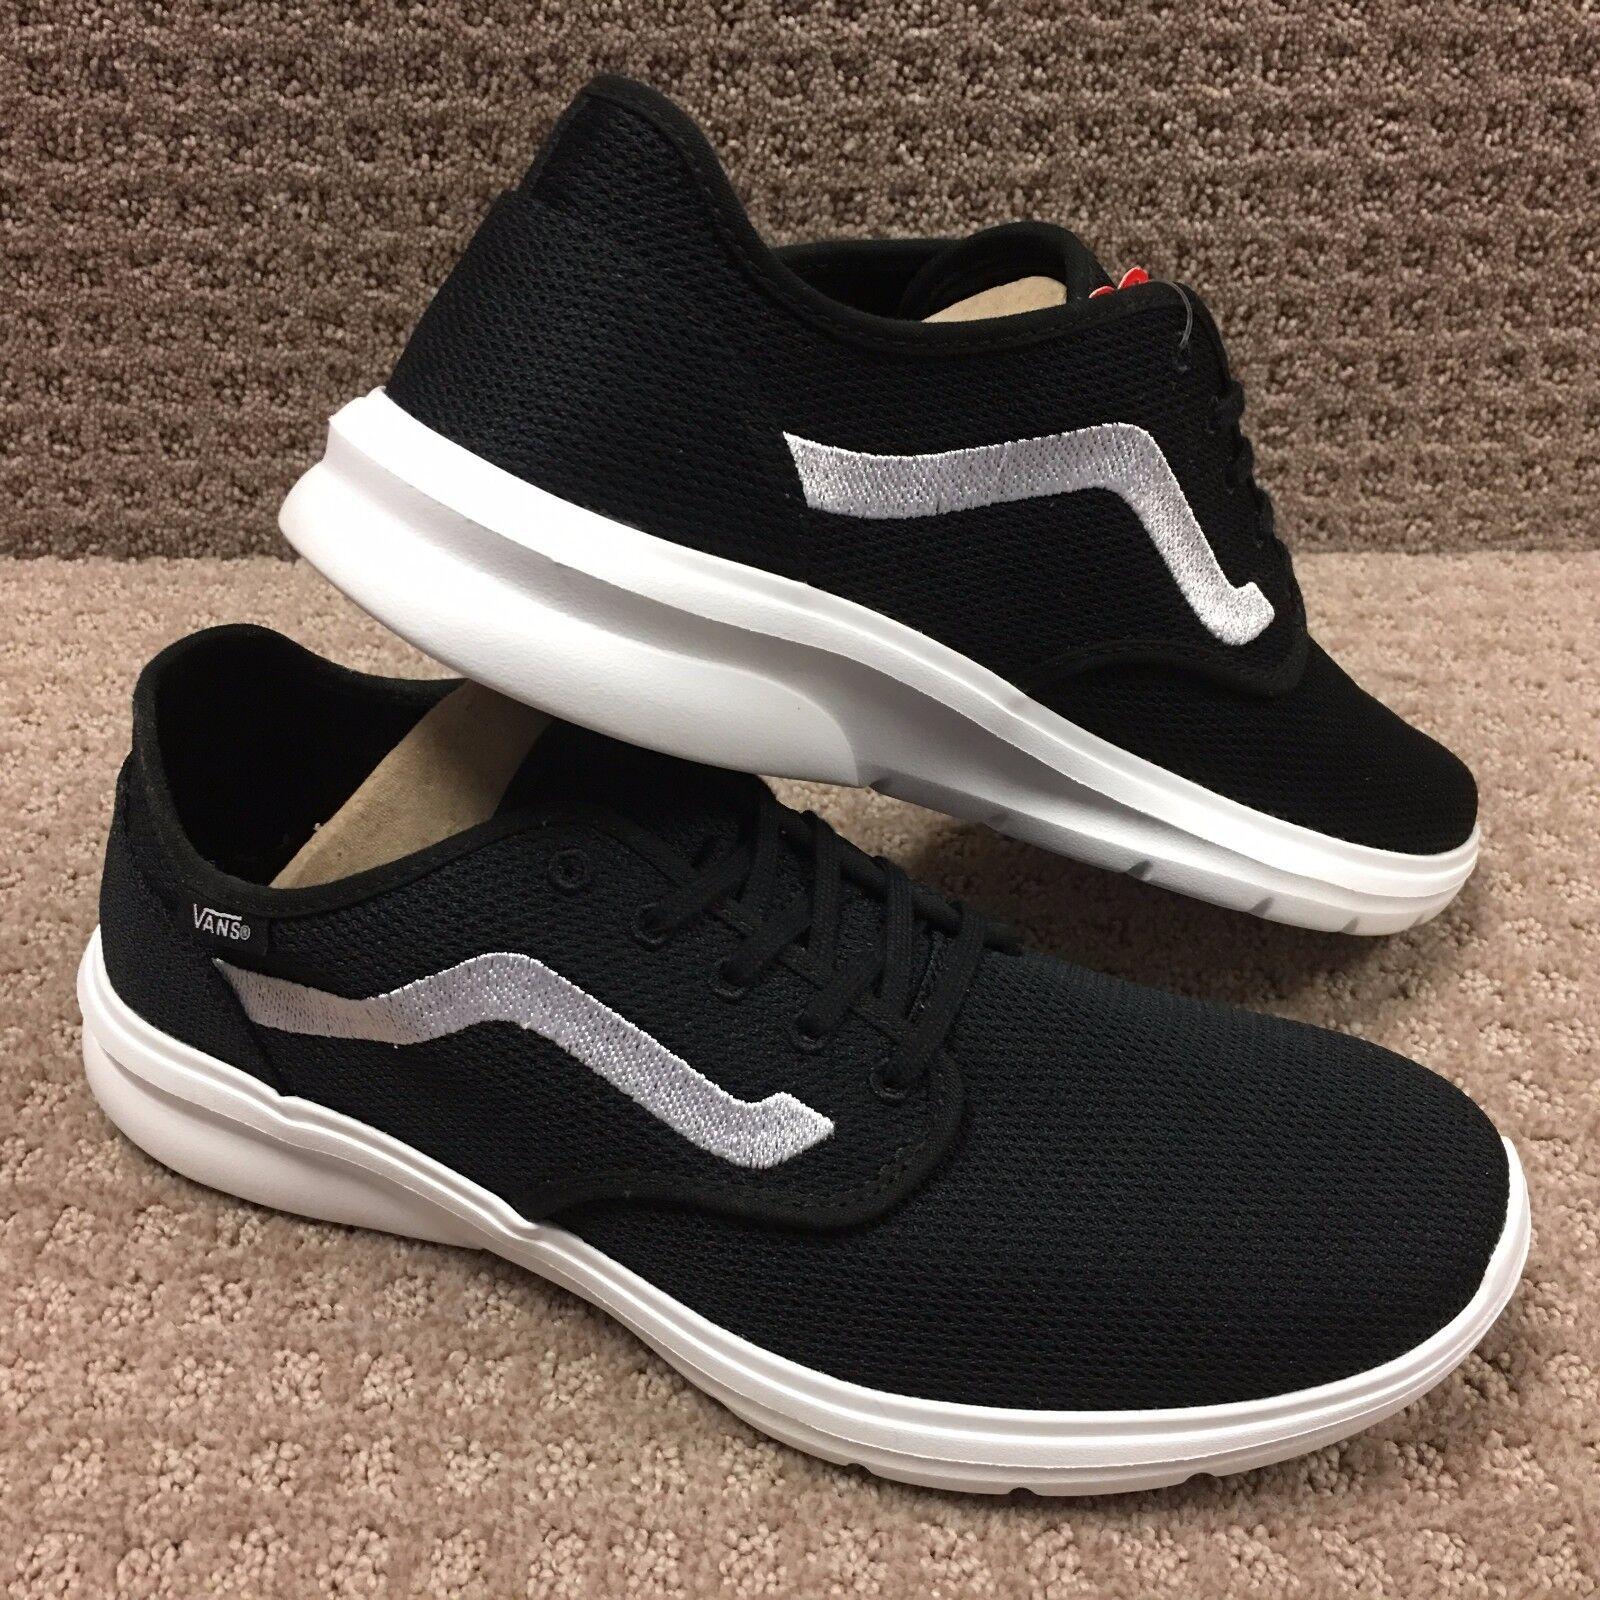 Vans Herren Schuhe   Iso 5.1cm (Netz) Schwarz  Weiß  Weiß  | Sonderkauf